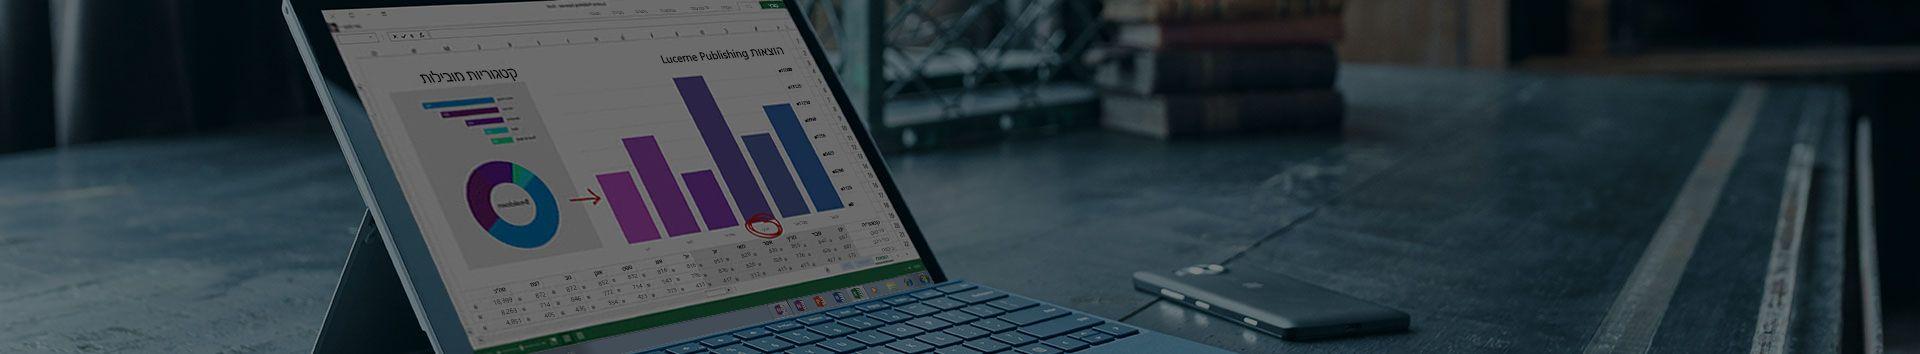 מחשב Tablet מסוג Microsoft Surface המציג דוח הוצאות ב- Microsoft Excel